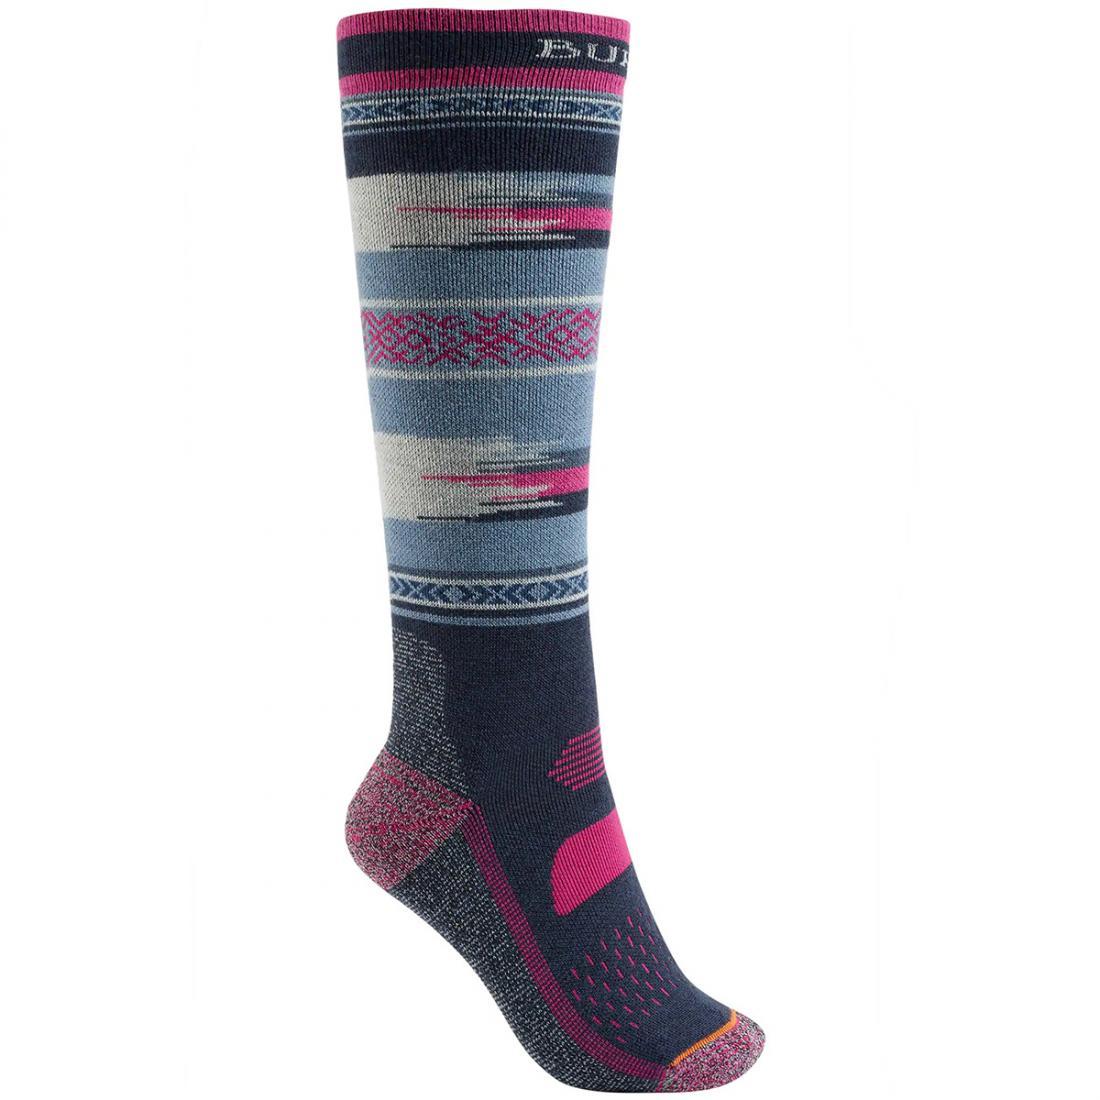 Носки сноубордические Burton Performance Midweight Snowboard Sock купить в Boardshop №1